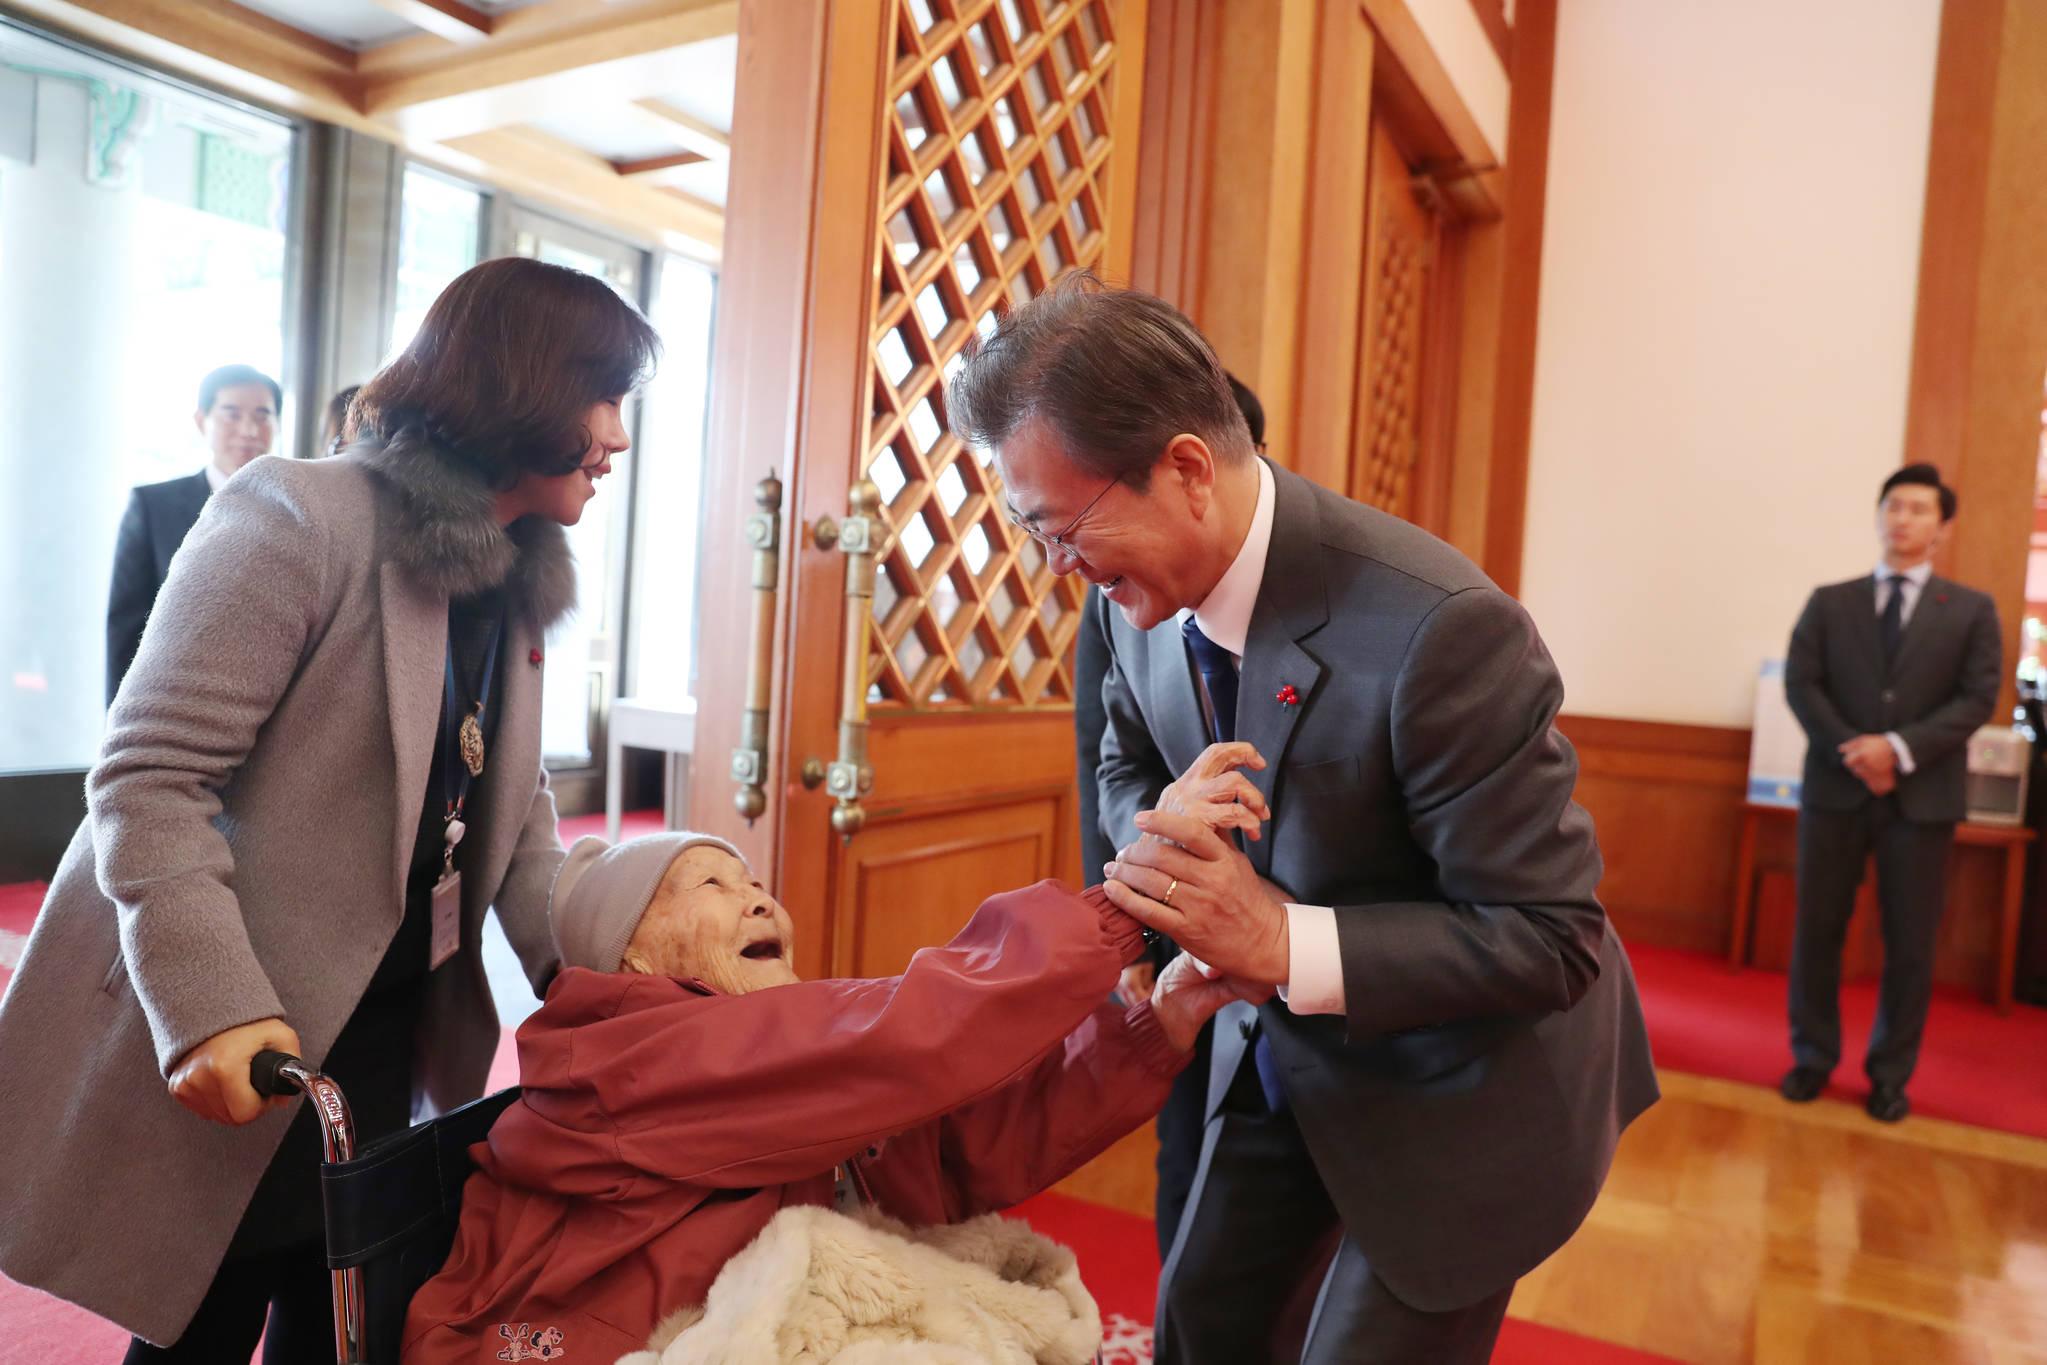 문재인 대통령은 1월 4일 일본군 위안부 피해자들을 청와대로 초청해 오찬을 함께 했다. 곽예남 할머니가 현관에서 기다리던 문 대통령과 반갑게 인사하고 있다. [사진 청와대]